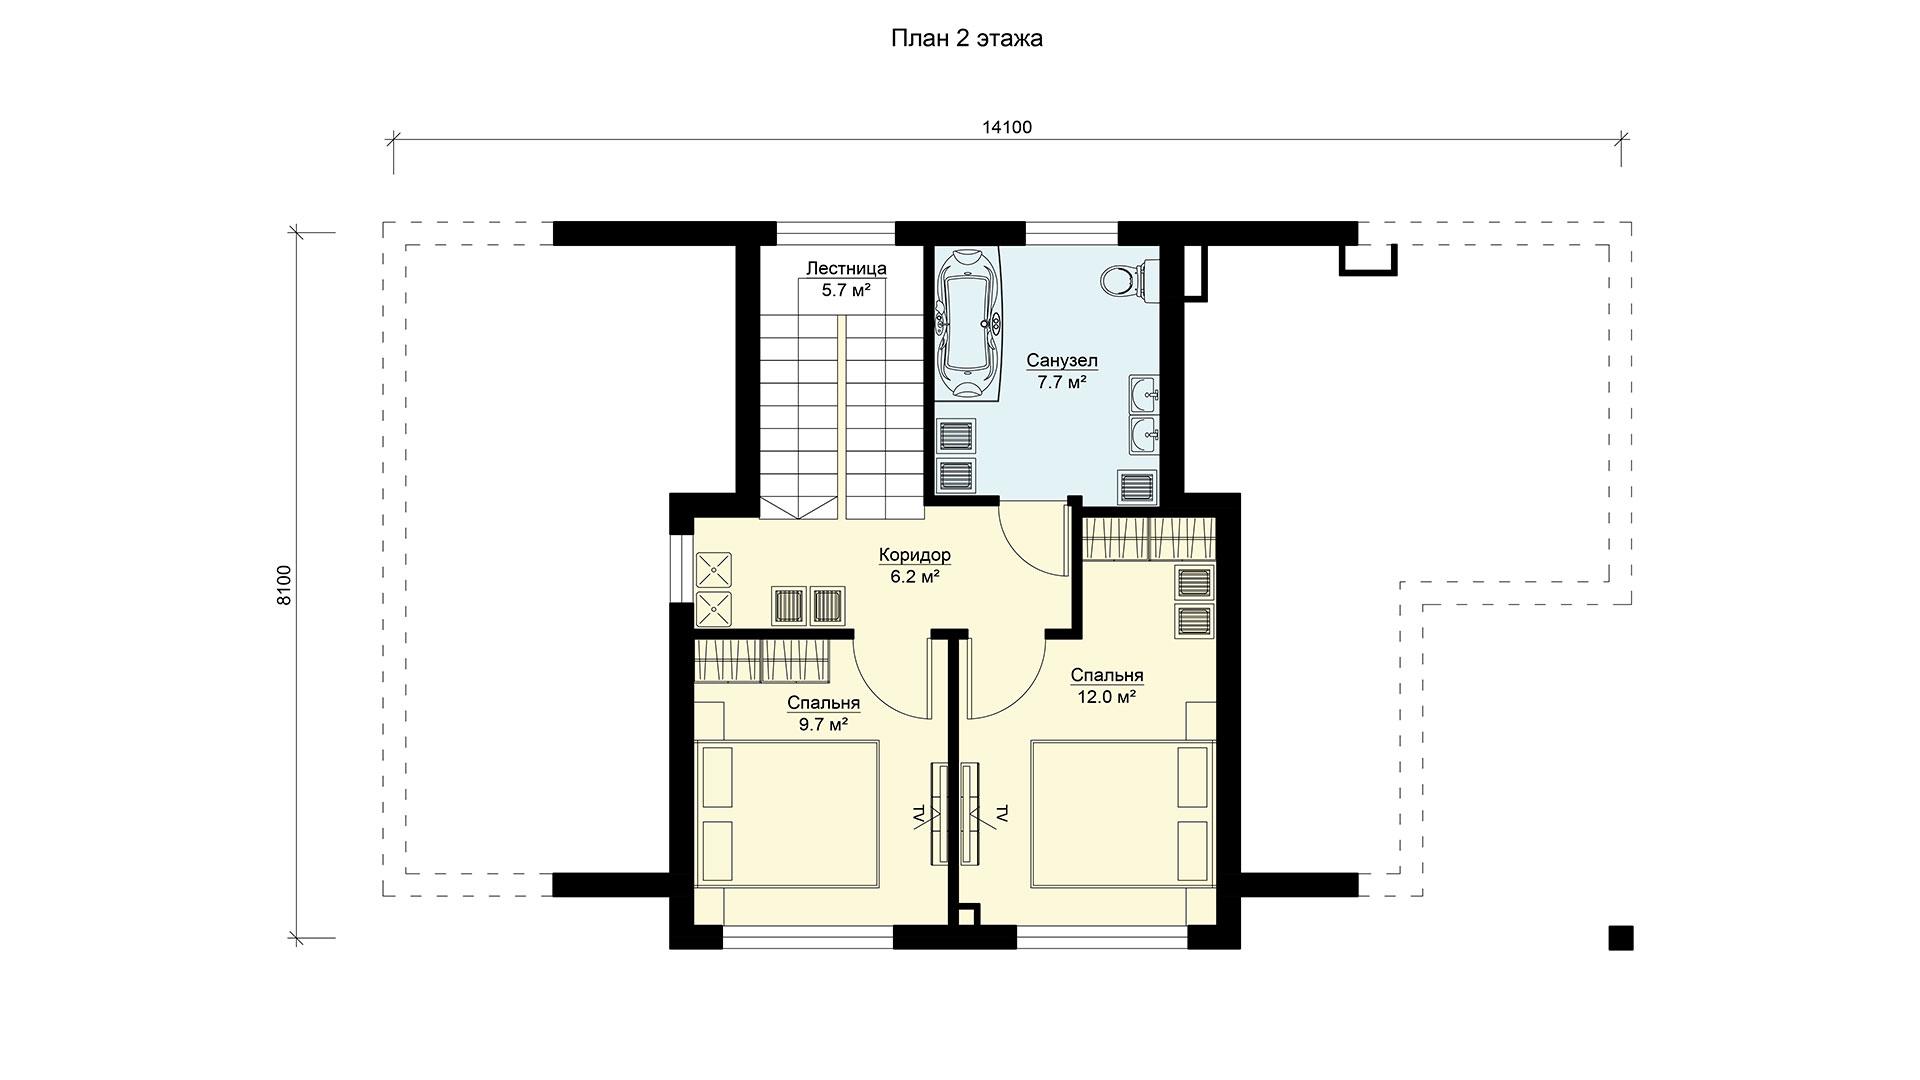 Планировка второго этажа проекта дачного дома БП-143.